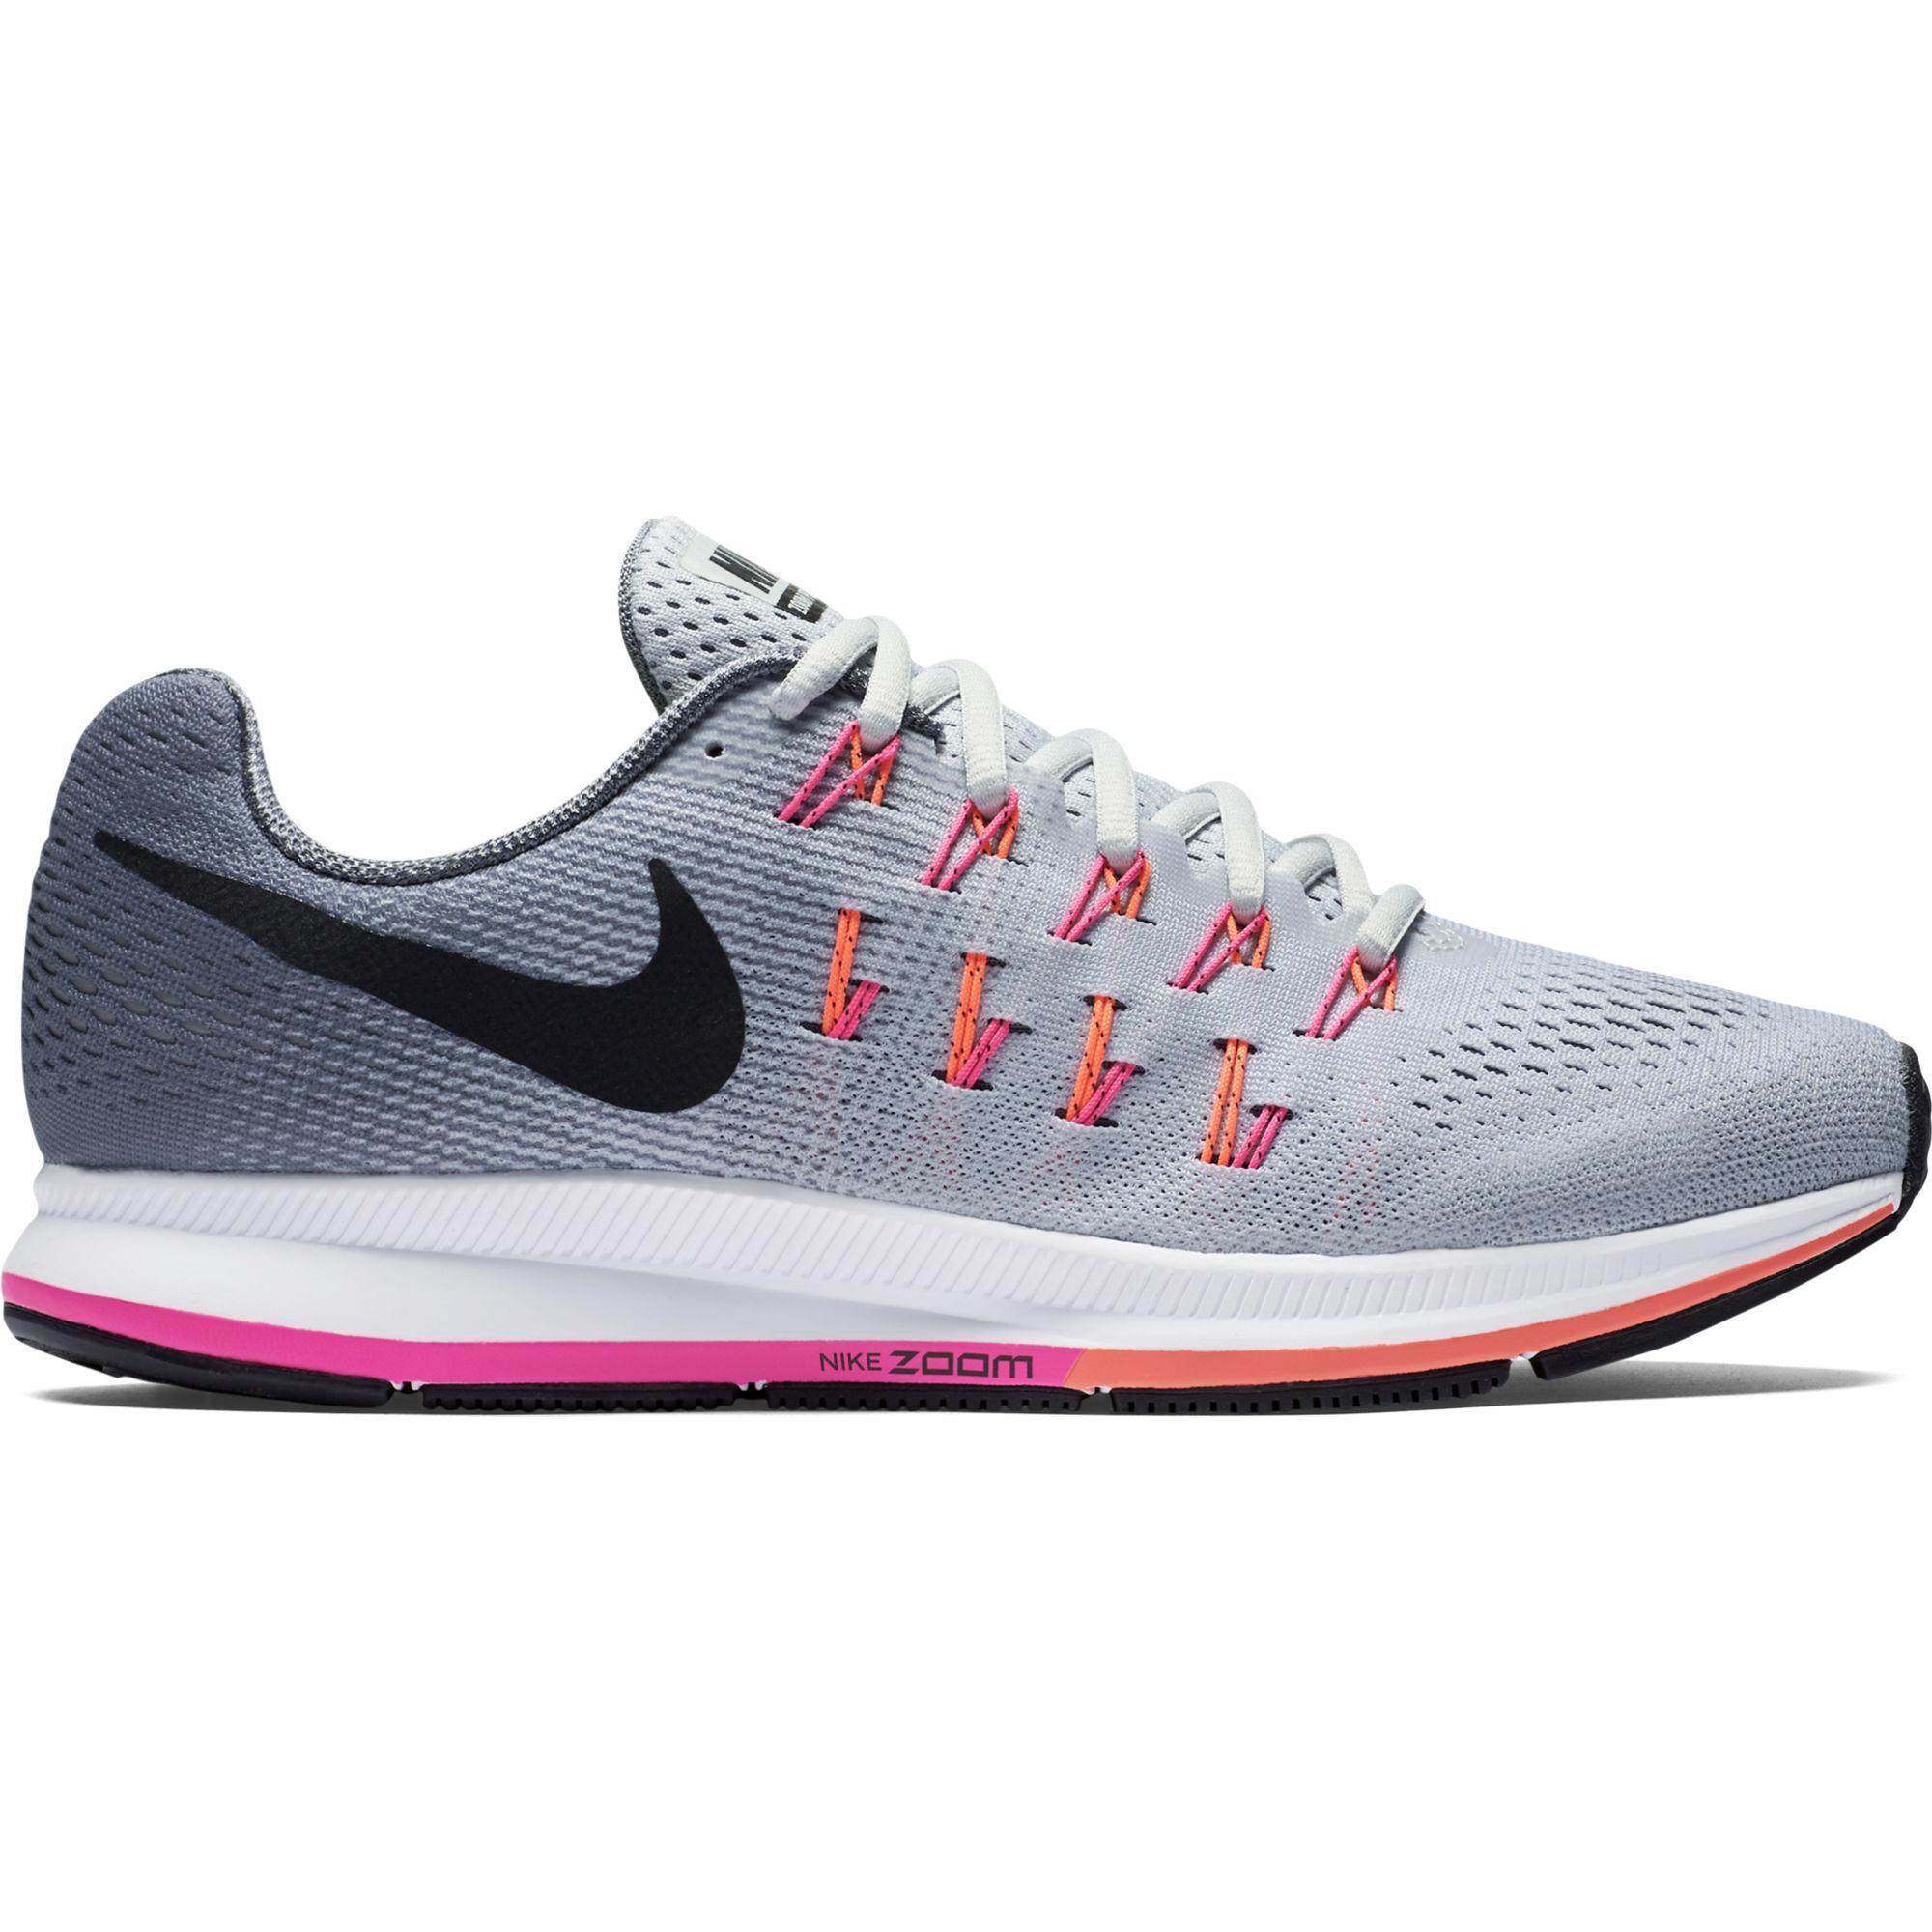 f92315092e28 Nike Womens Air Zoom Pegasus 33 Running Shoes - Grey Pink - Tennisnuts.com